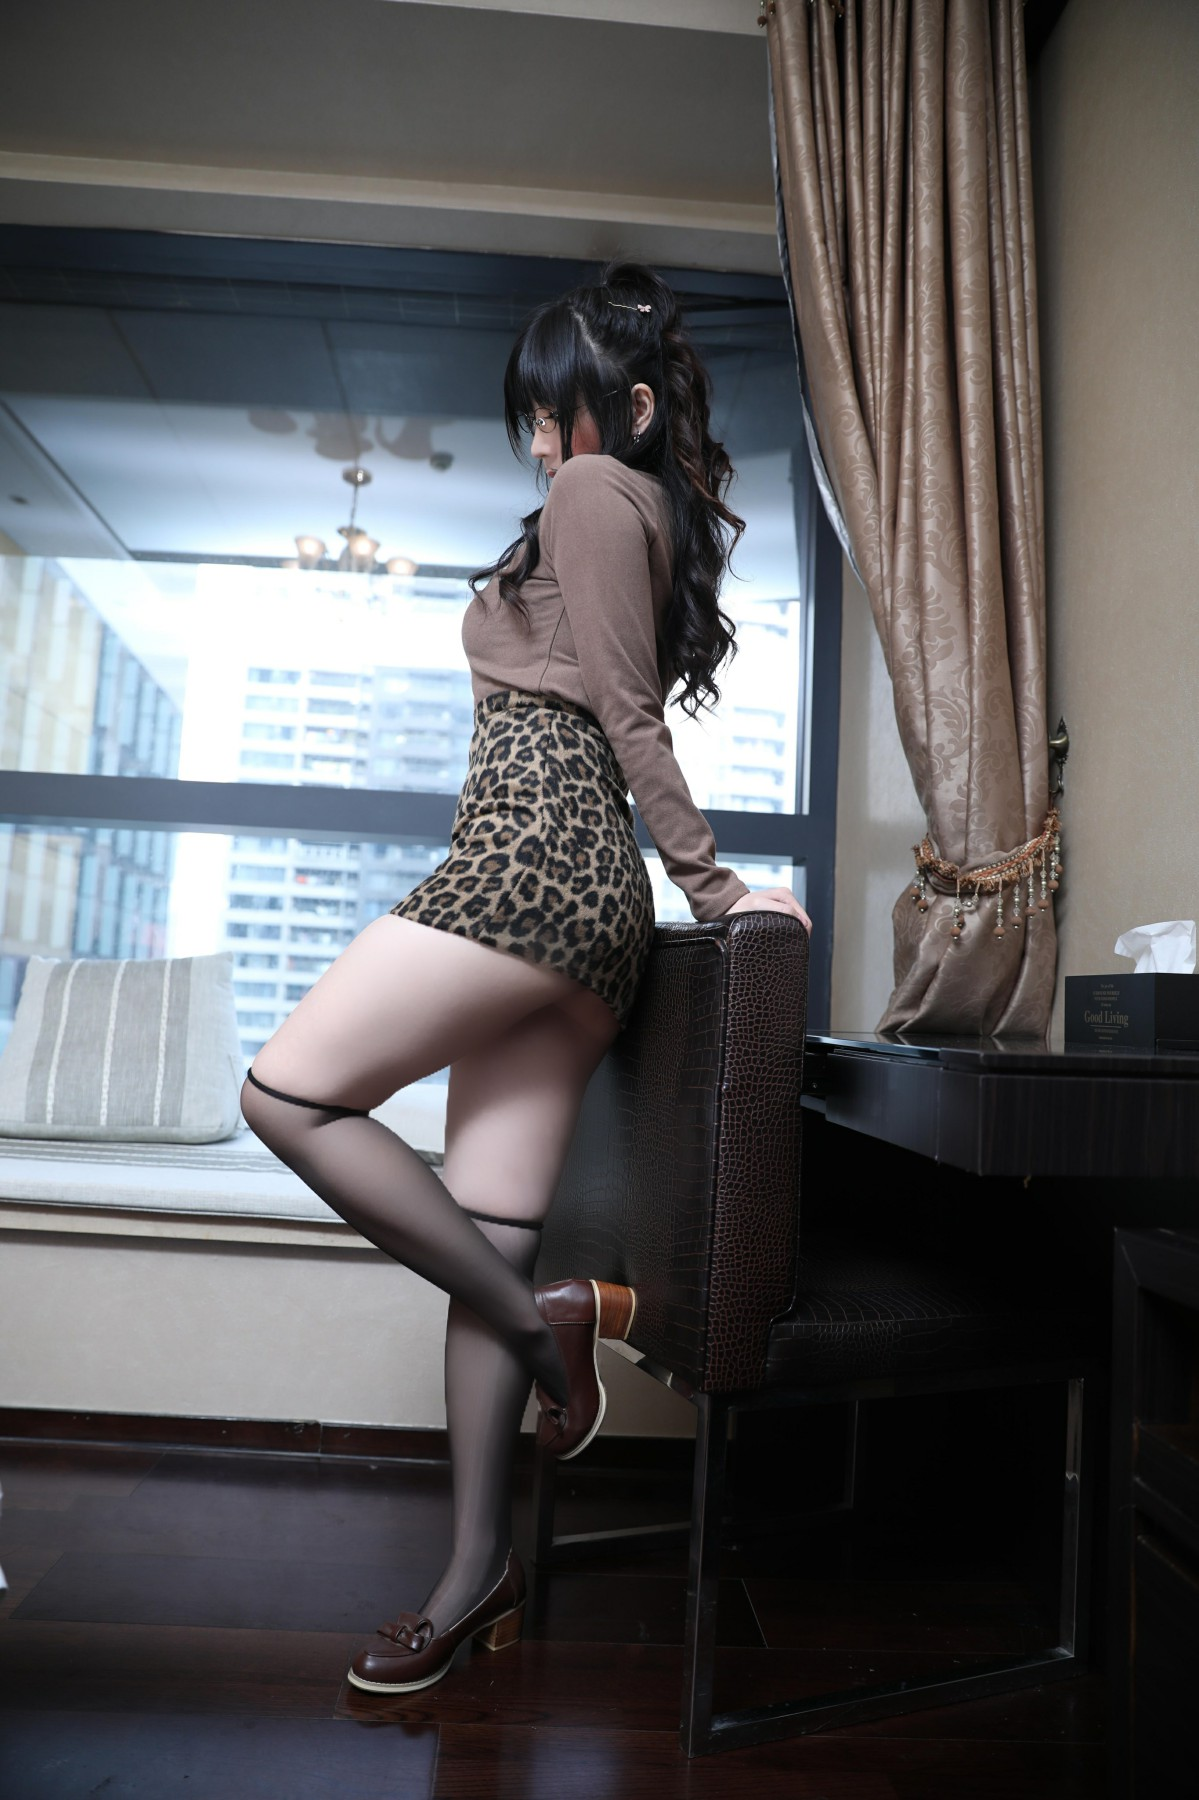 巨乳美女鹿野希 - 豹纹蕾丝-第2张图片-福利社